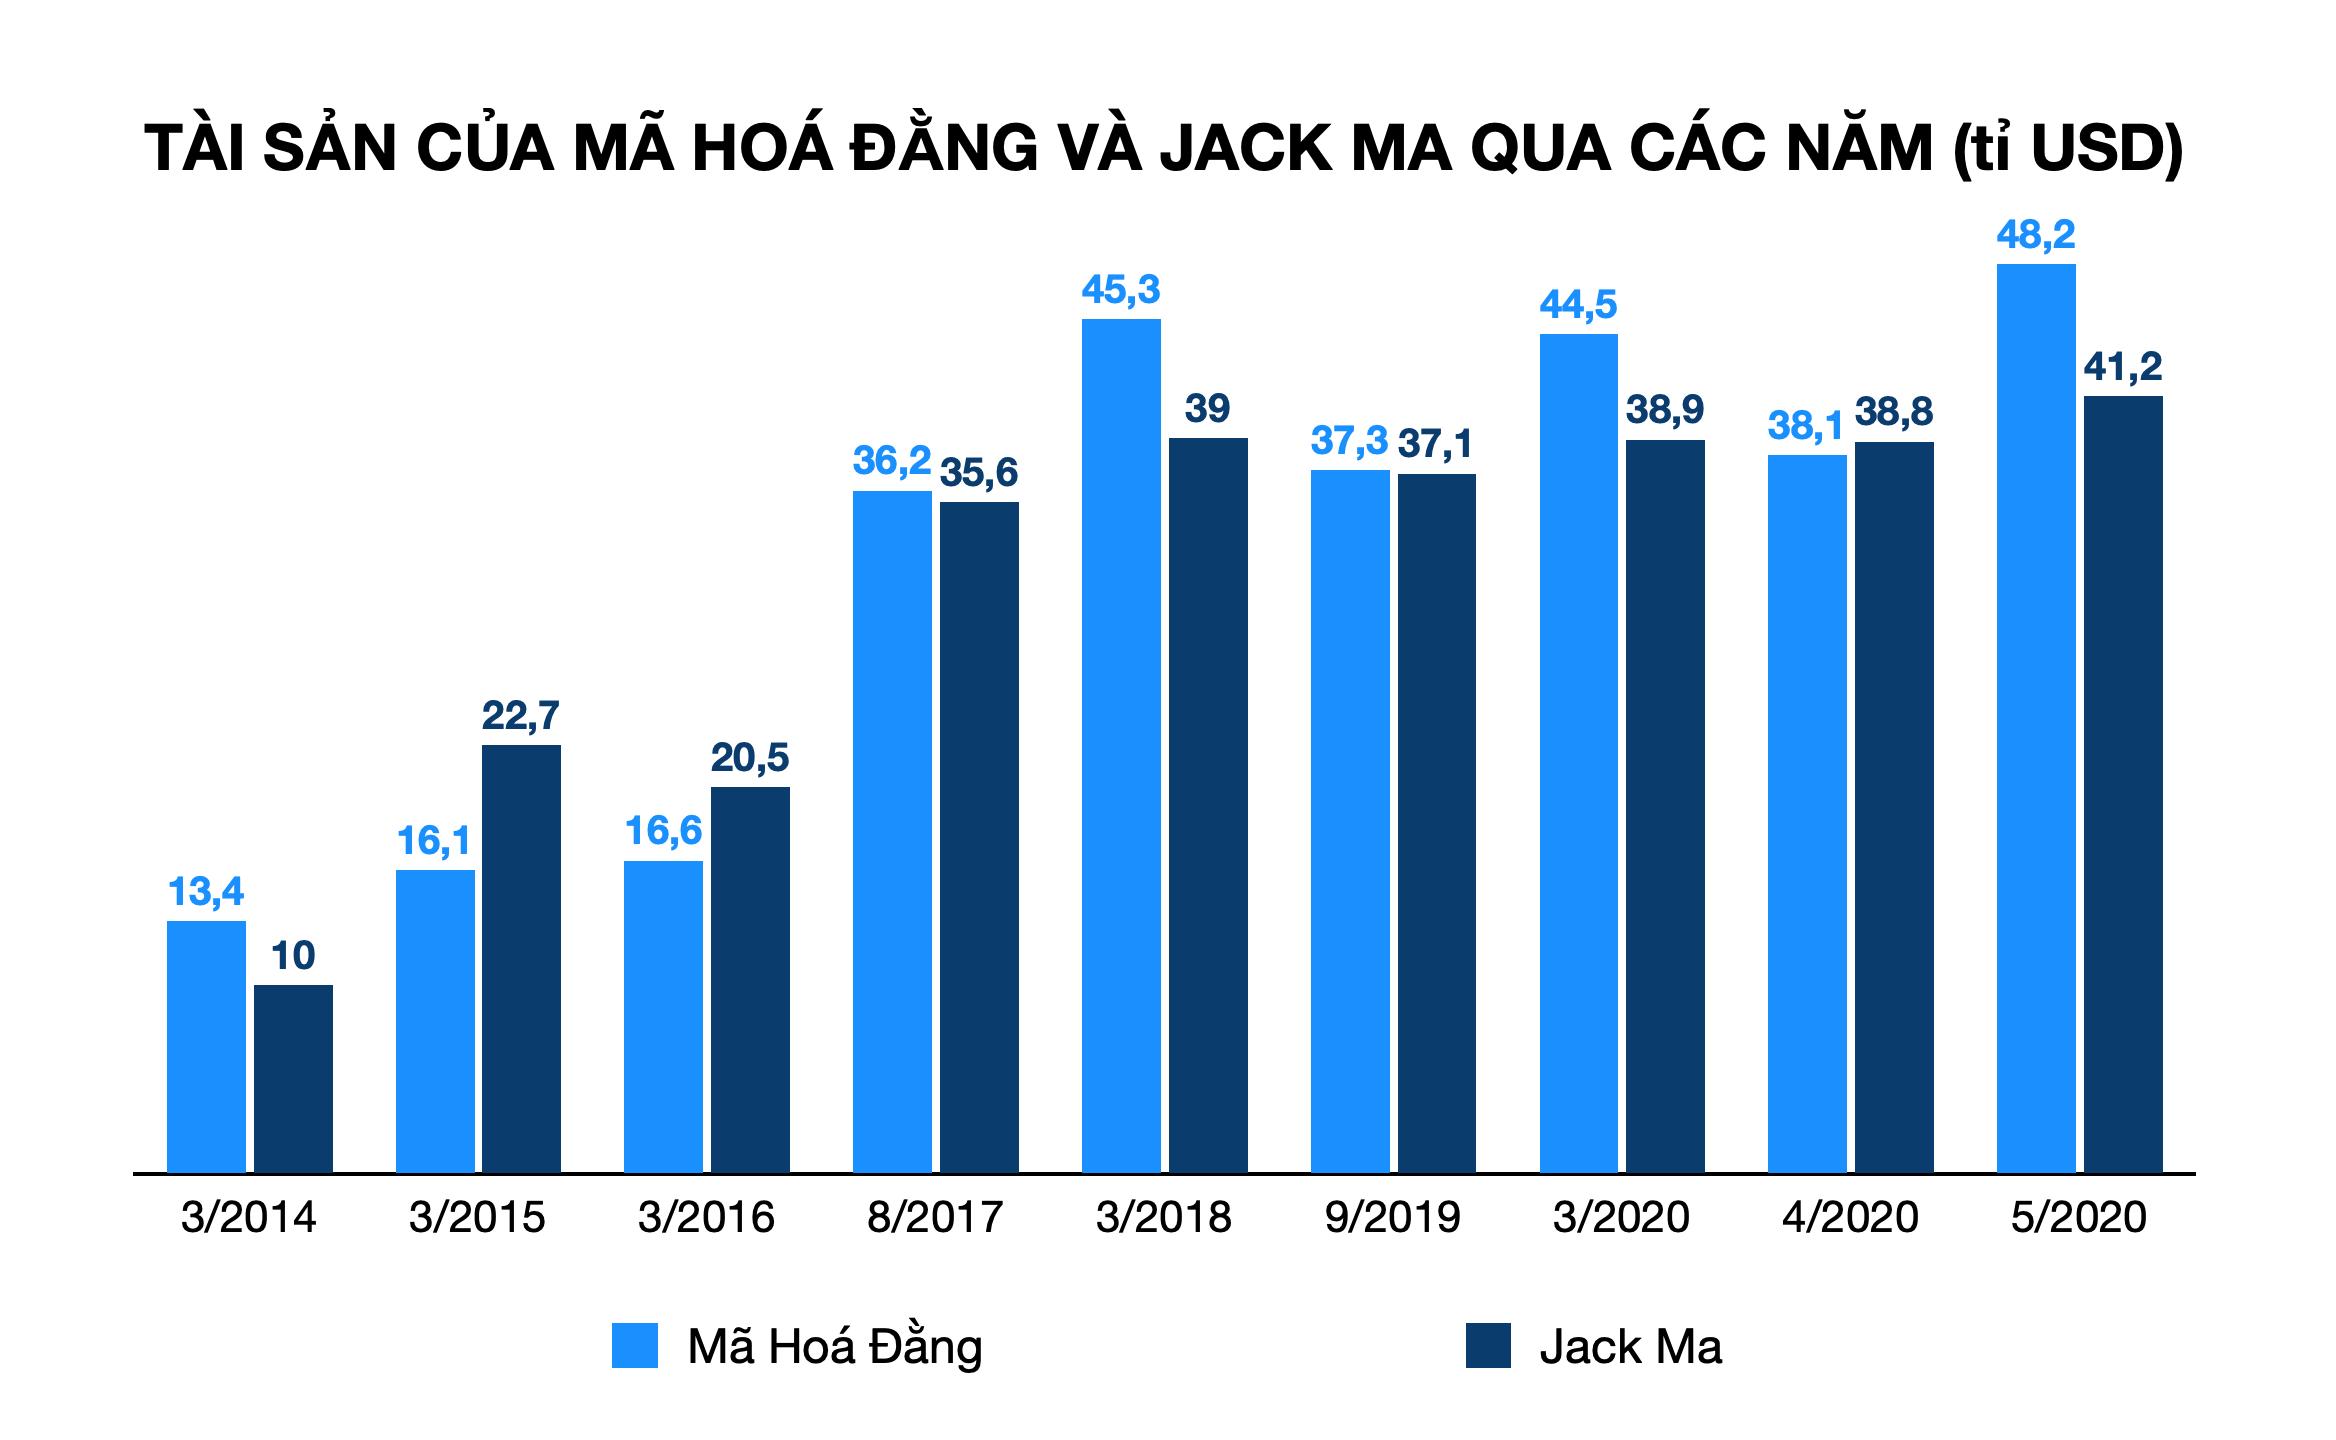 Tỉ phú Mã Hoá Đằng lần thứ 5 vượt Jack Ma thành người giàu nhất Trung Quốc - Ảnh 3.